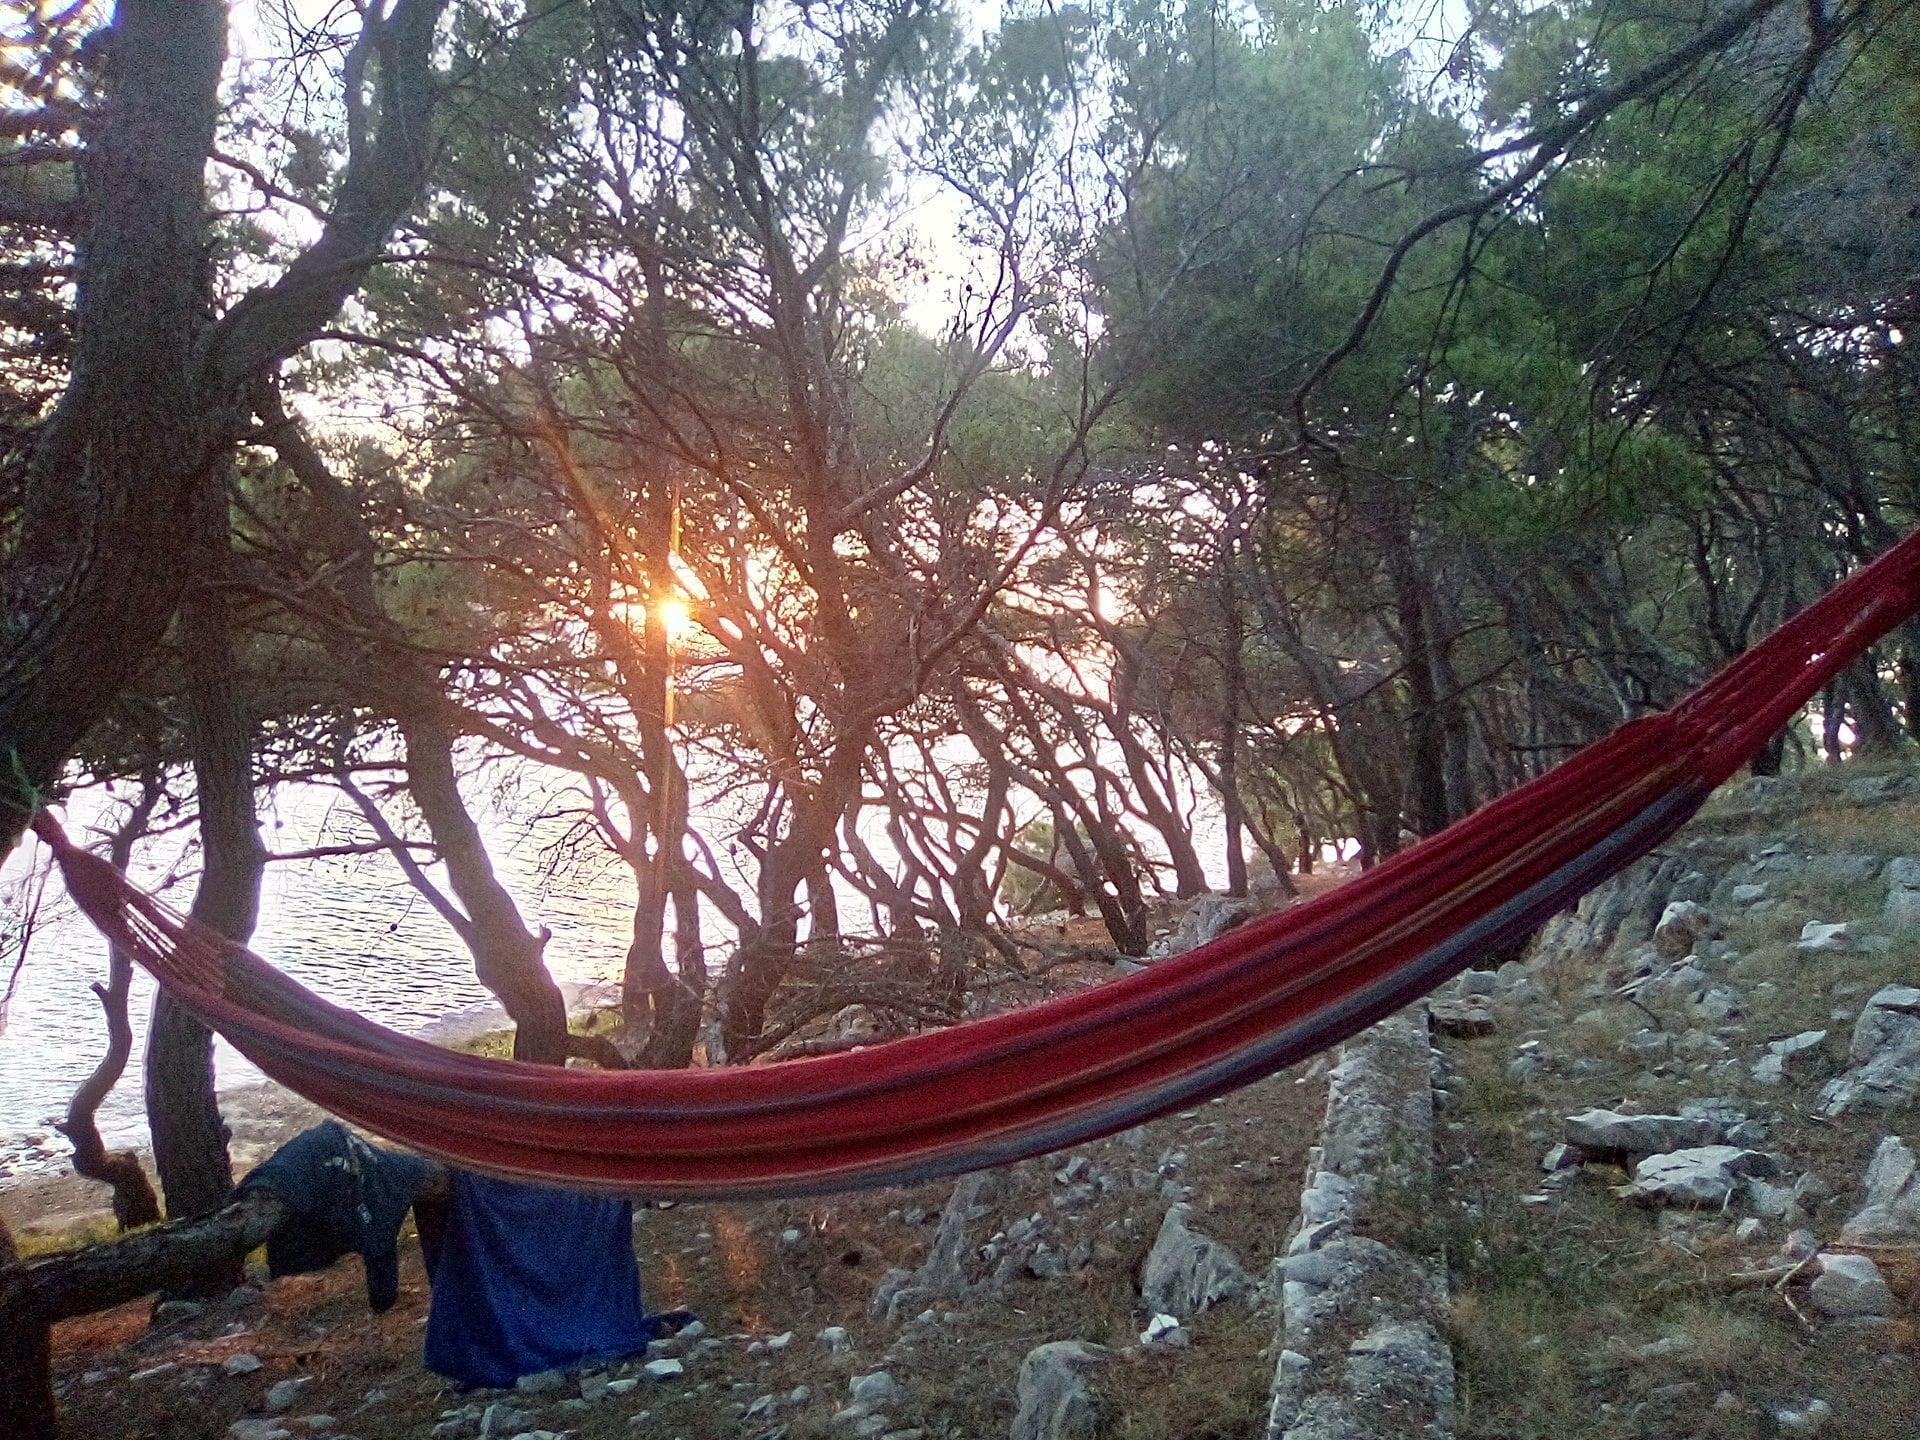 Prava sup avantura s spanjem na plaži (1)